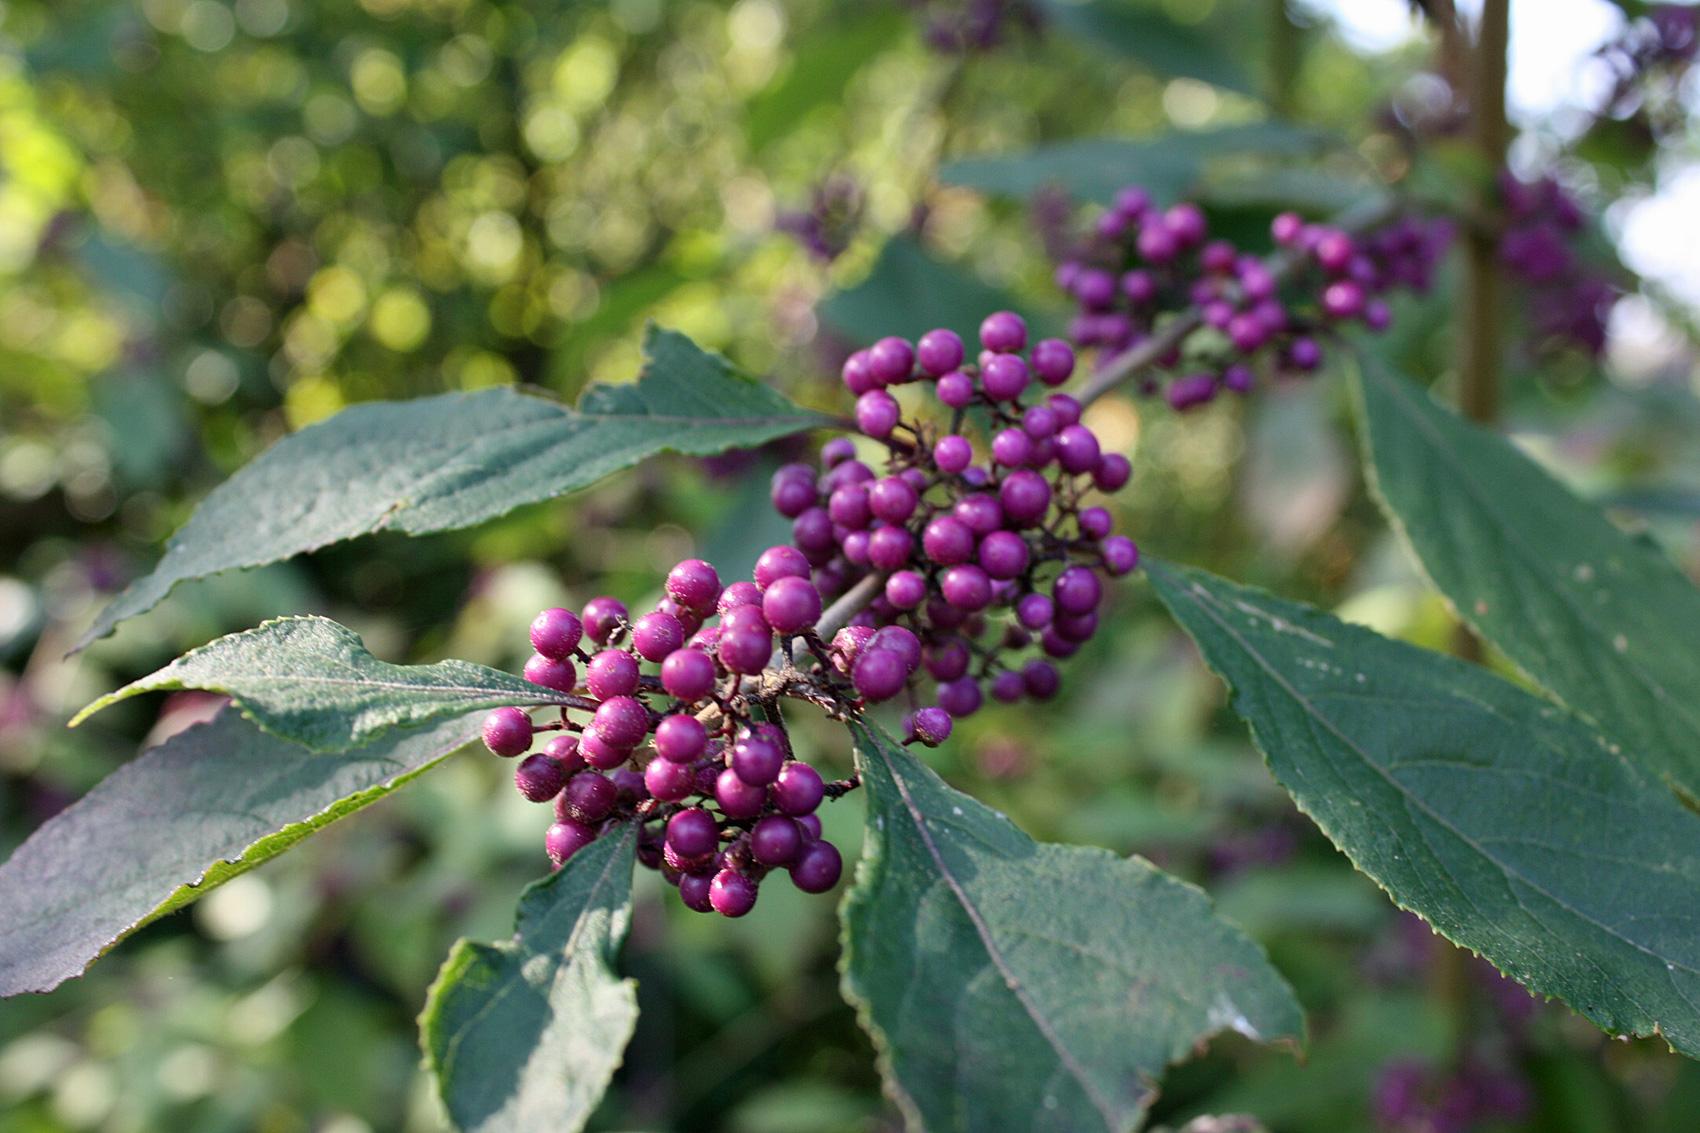 Sträucher, Büsche und Bäume mit Fruchtschmuck   Native Plants